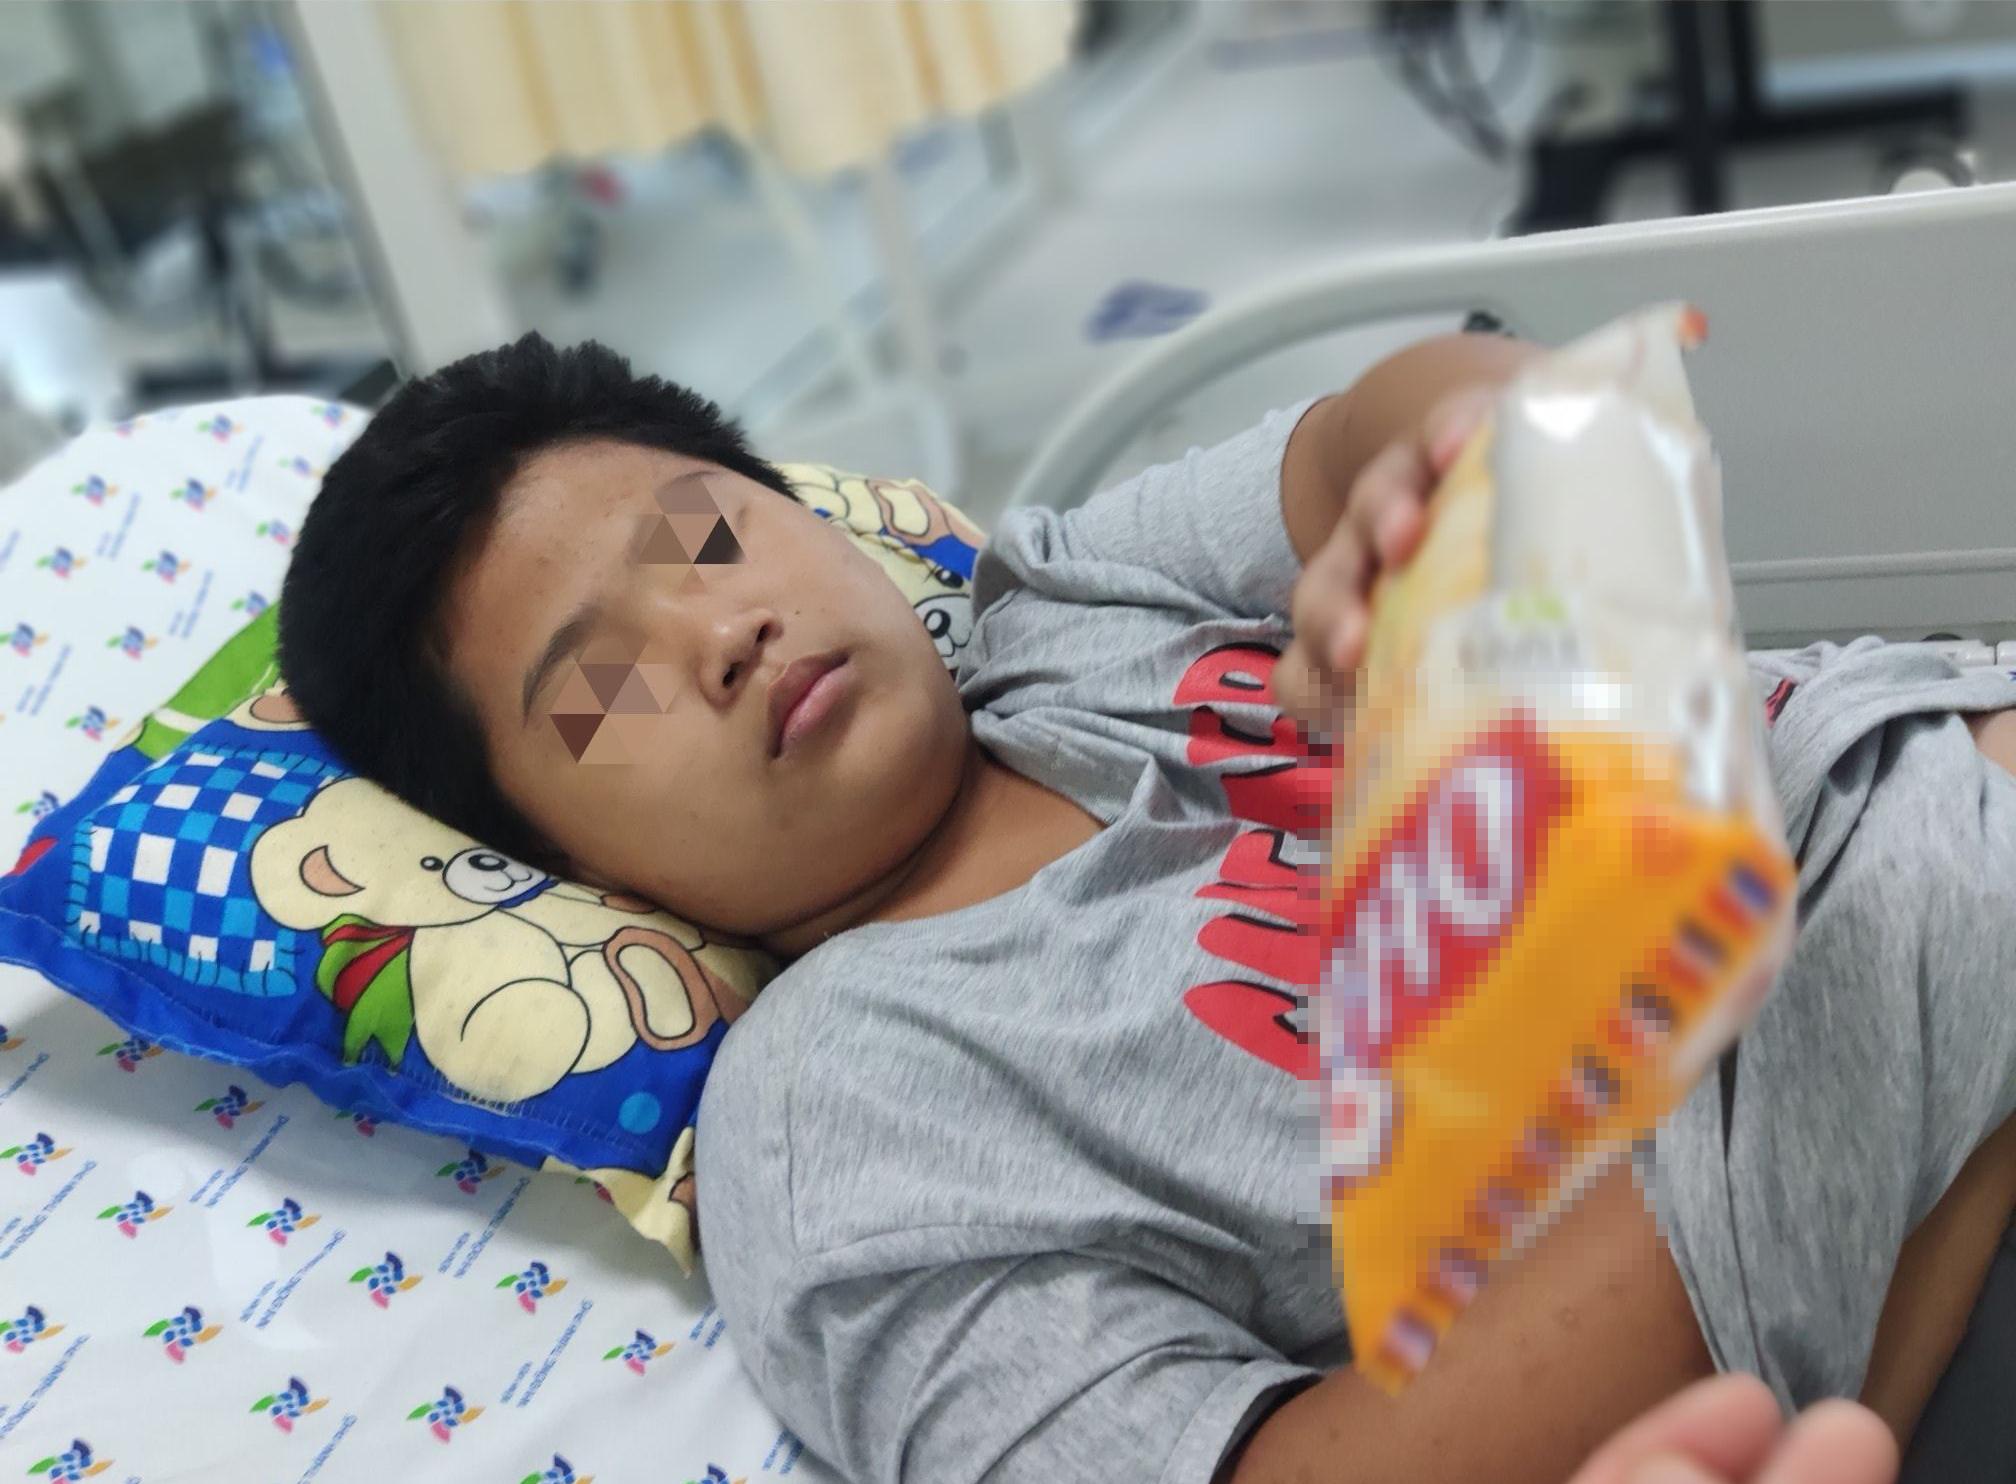 Bị bạn liên tục nhấn nước khi đi bơi tại hồ bơi, bé trai 14 tuổi nhập viện nguy kịch: Tím tái, không thở được-3